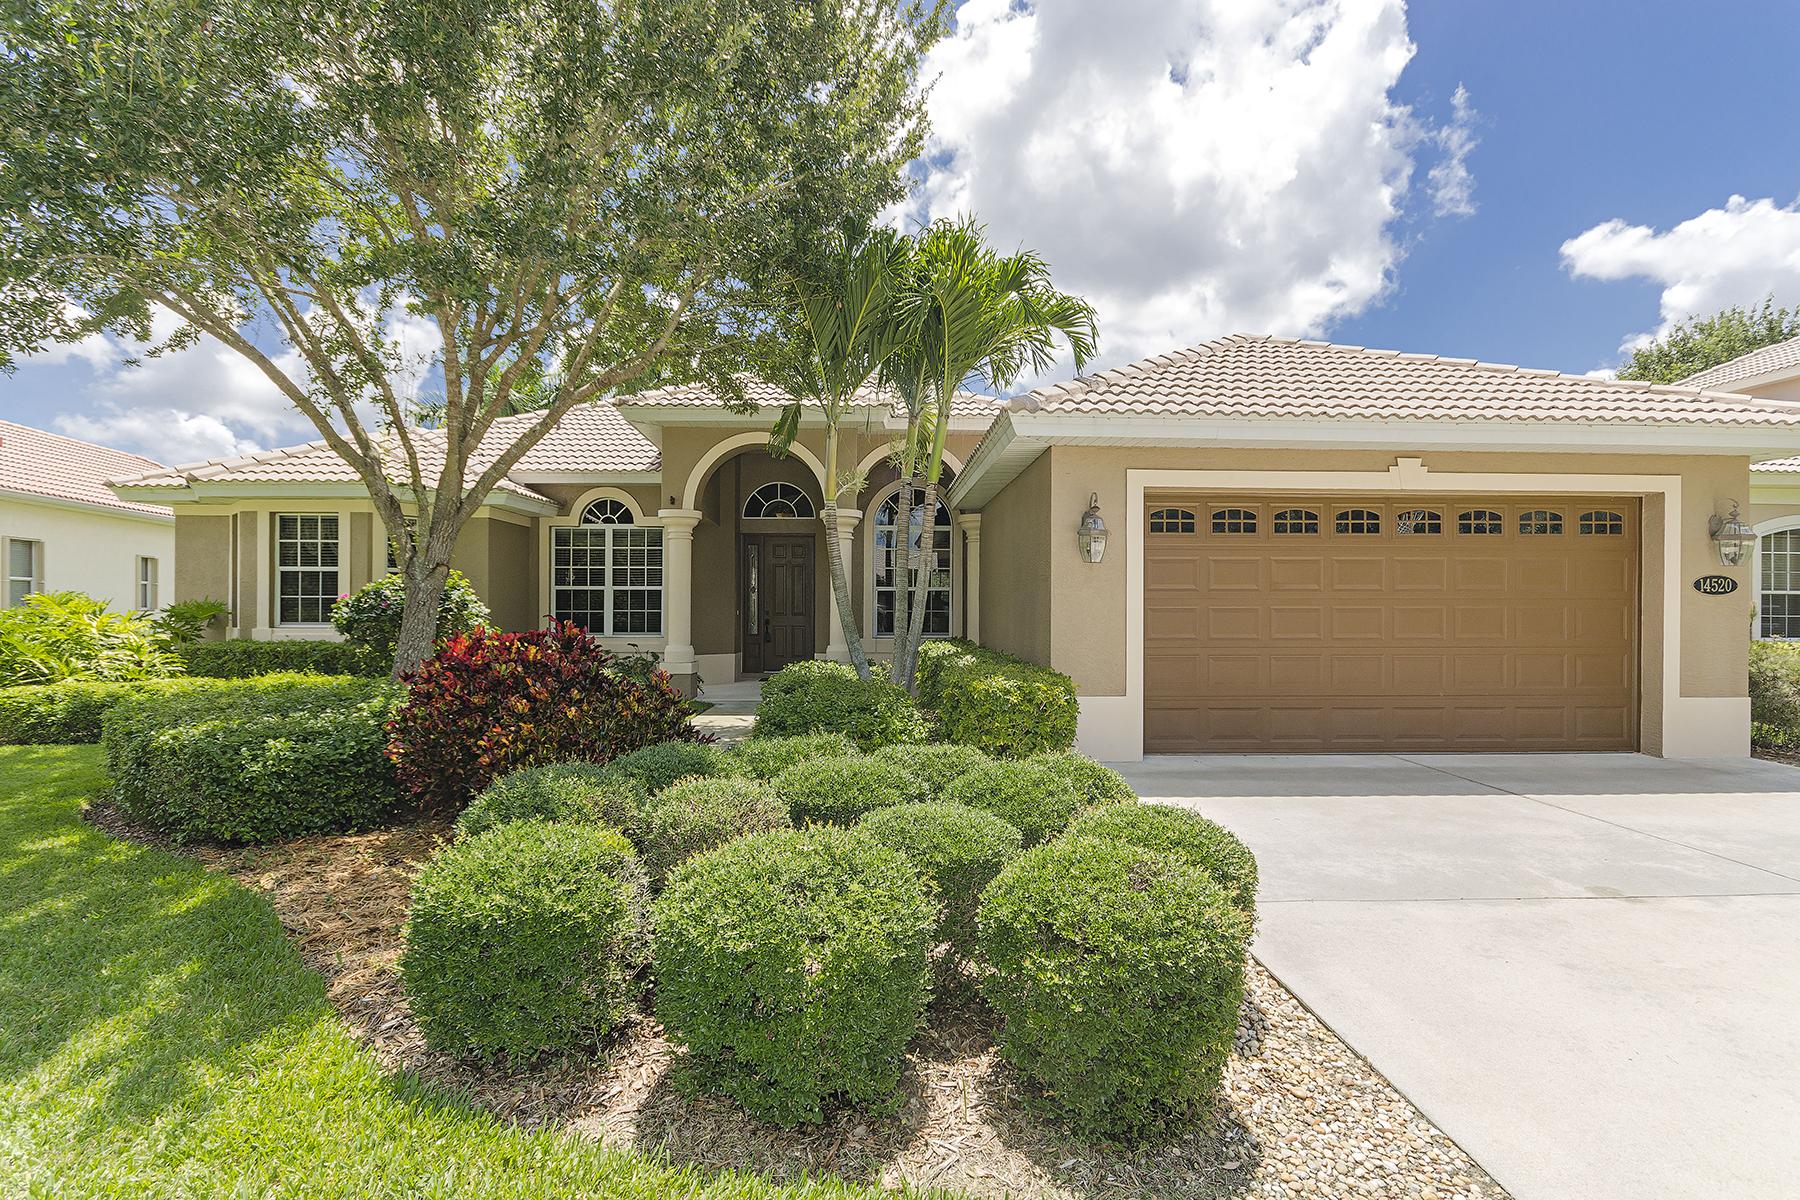 Maison unifamiliale pour l Vente à INDIGO LAKES 14520 Jekyll Island Ct Naples, Florida 34119 États-Unis